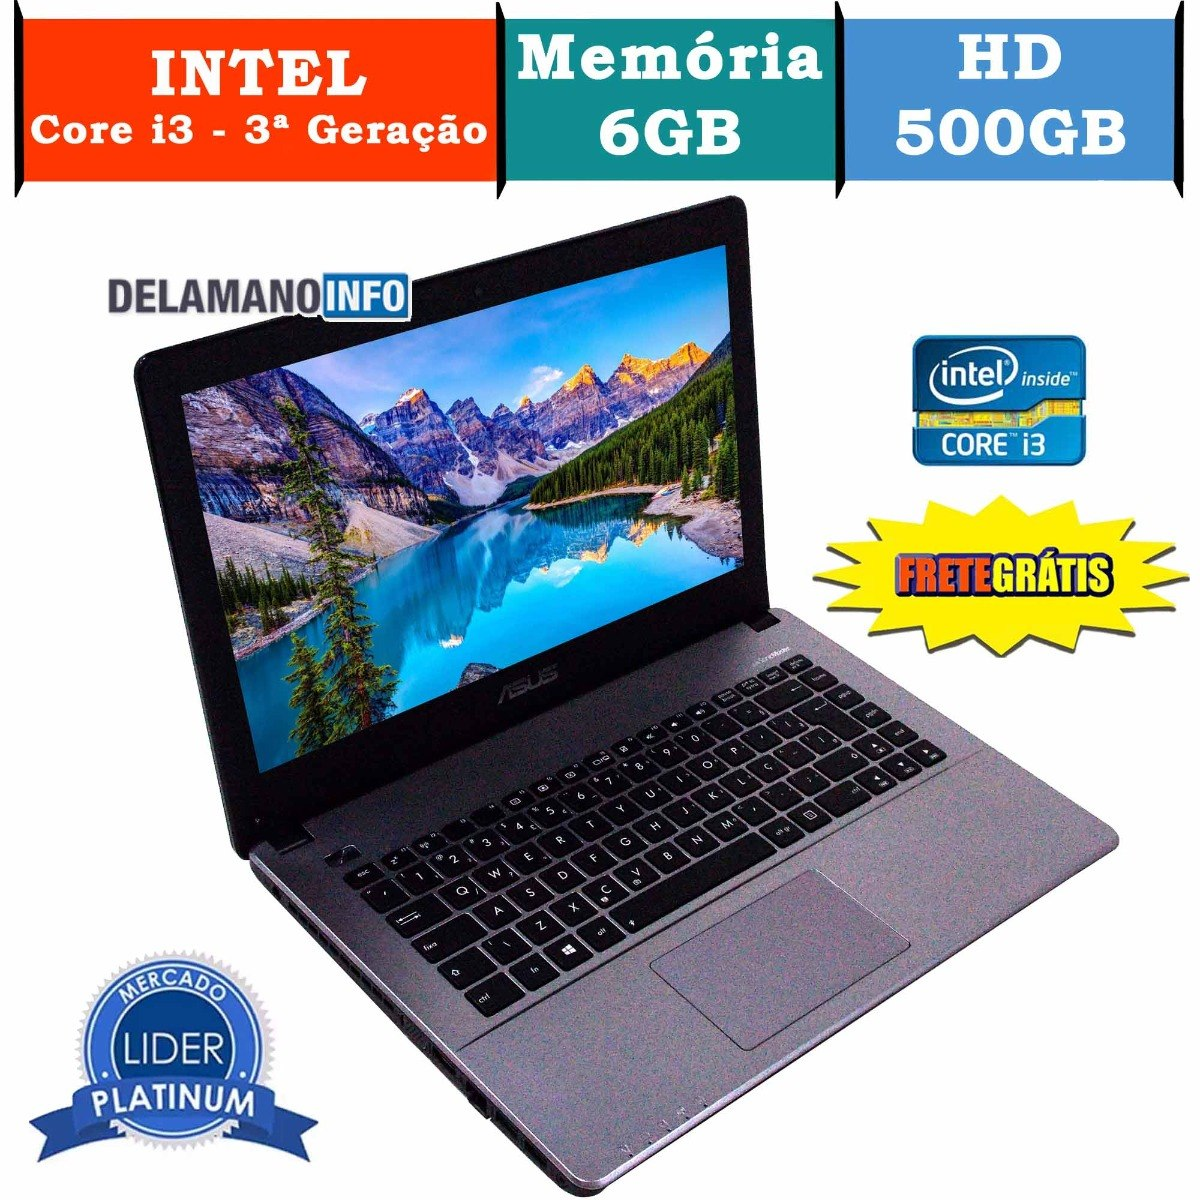 75f5a223d notebook asus intel core i3 2365m 6gb ram promoção (10129). Carregando zoom.